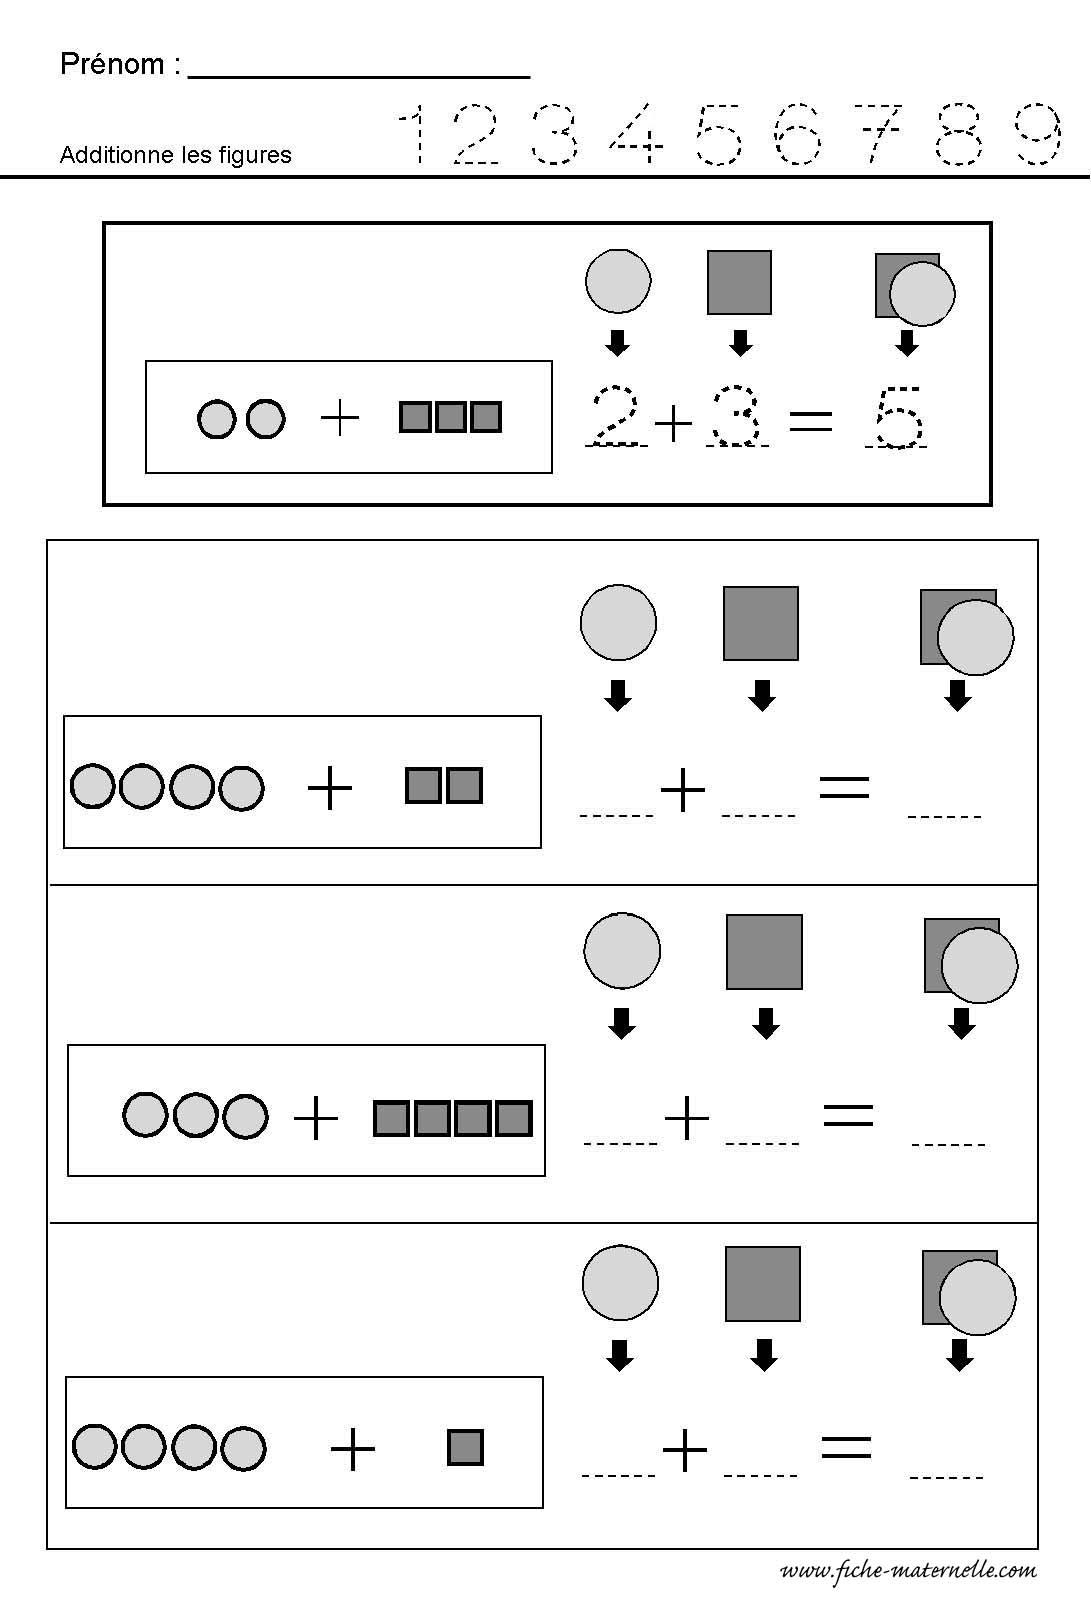 Worksheet Addition Fraction Sunstraction | Printable destiné Addition Maternelle